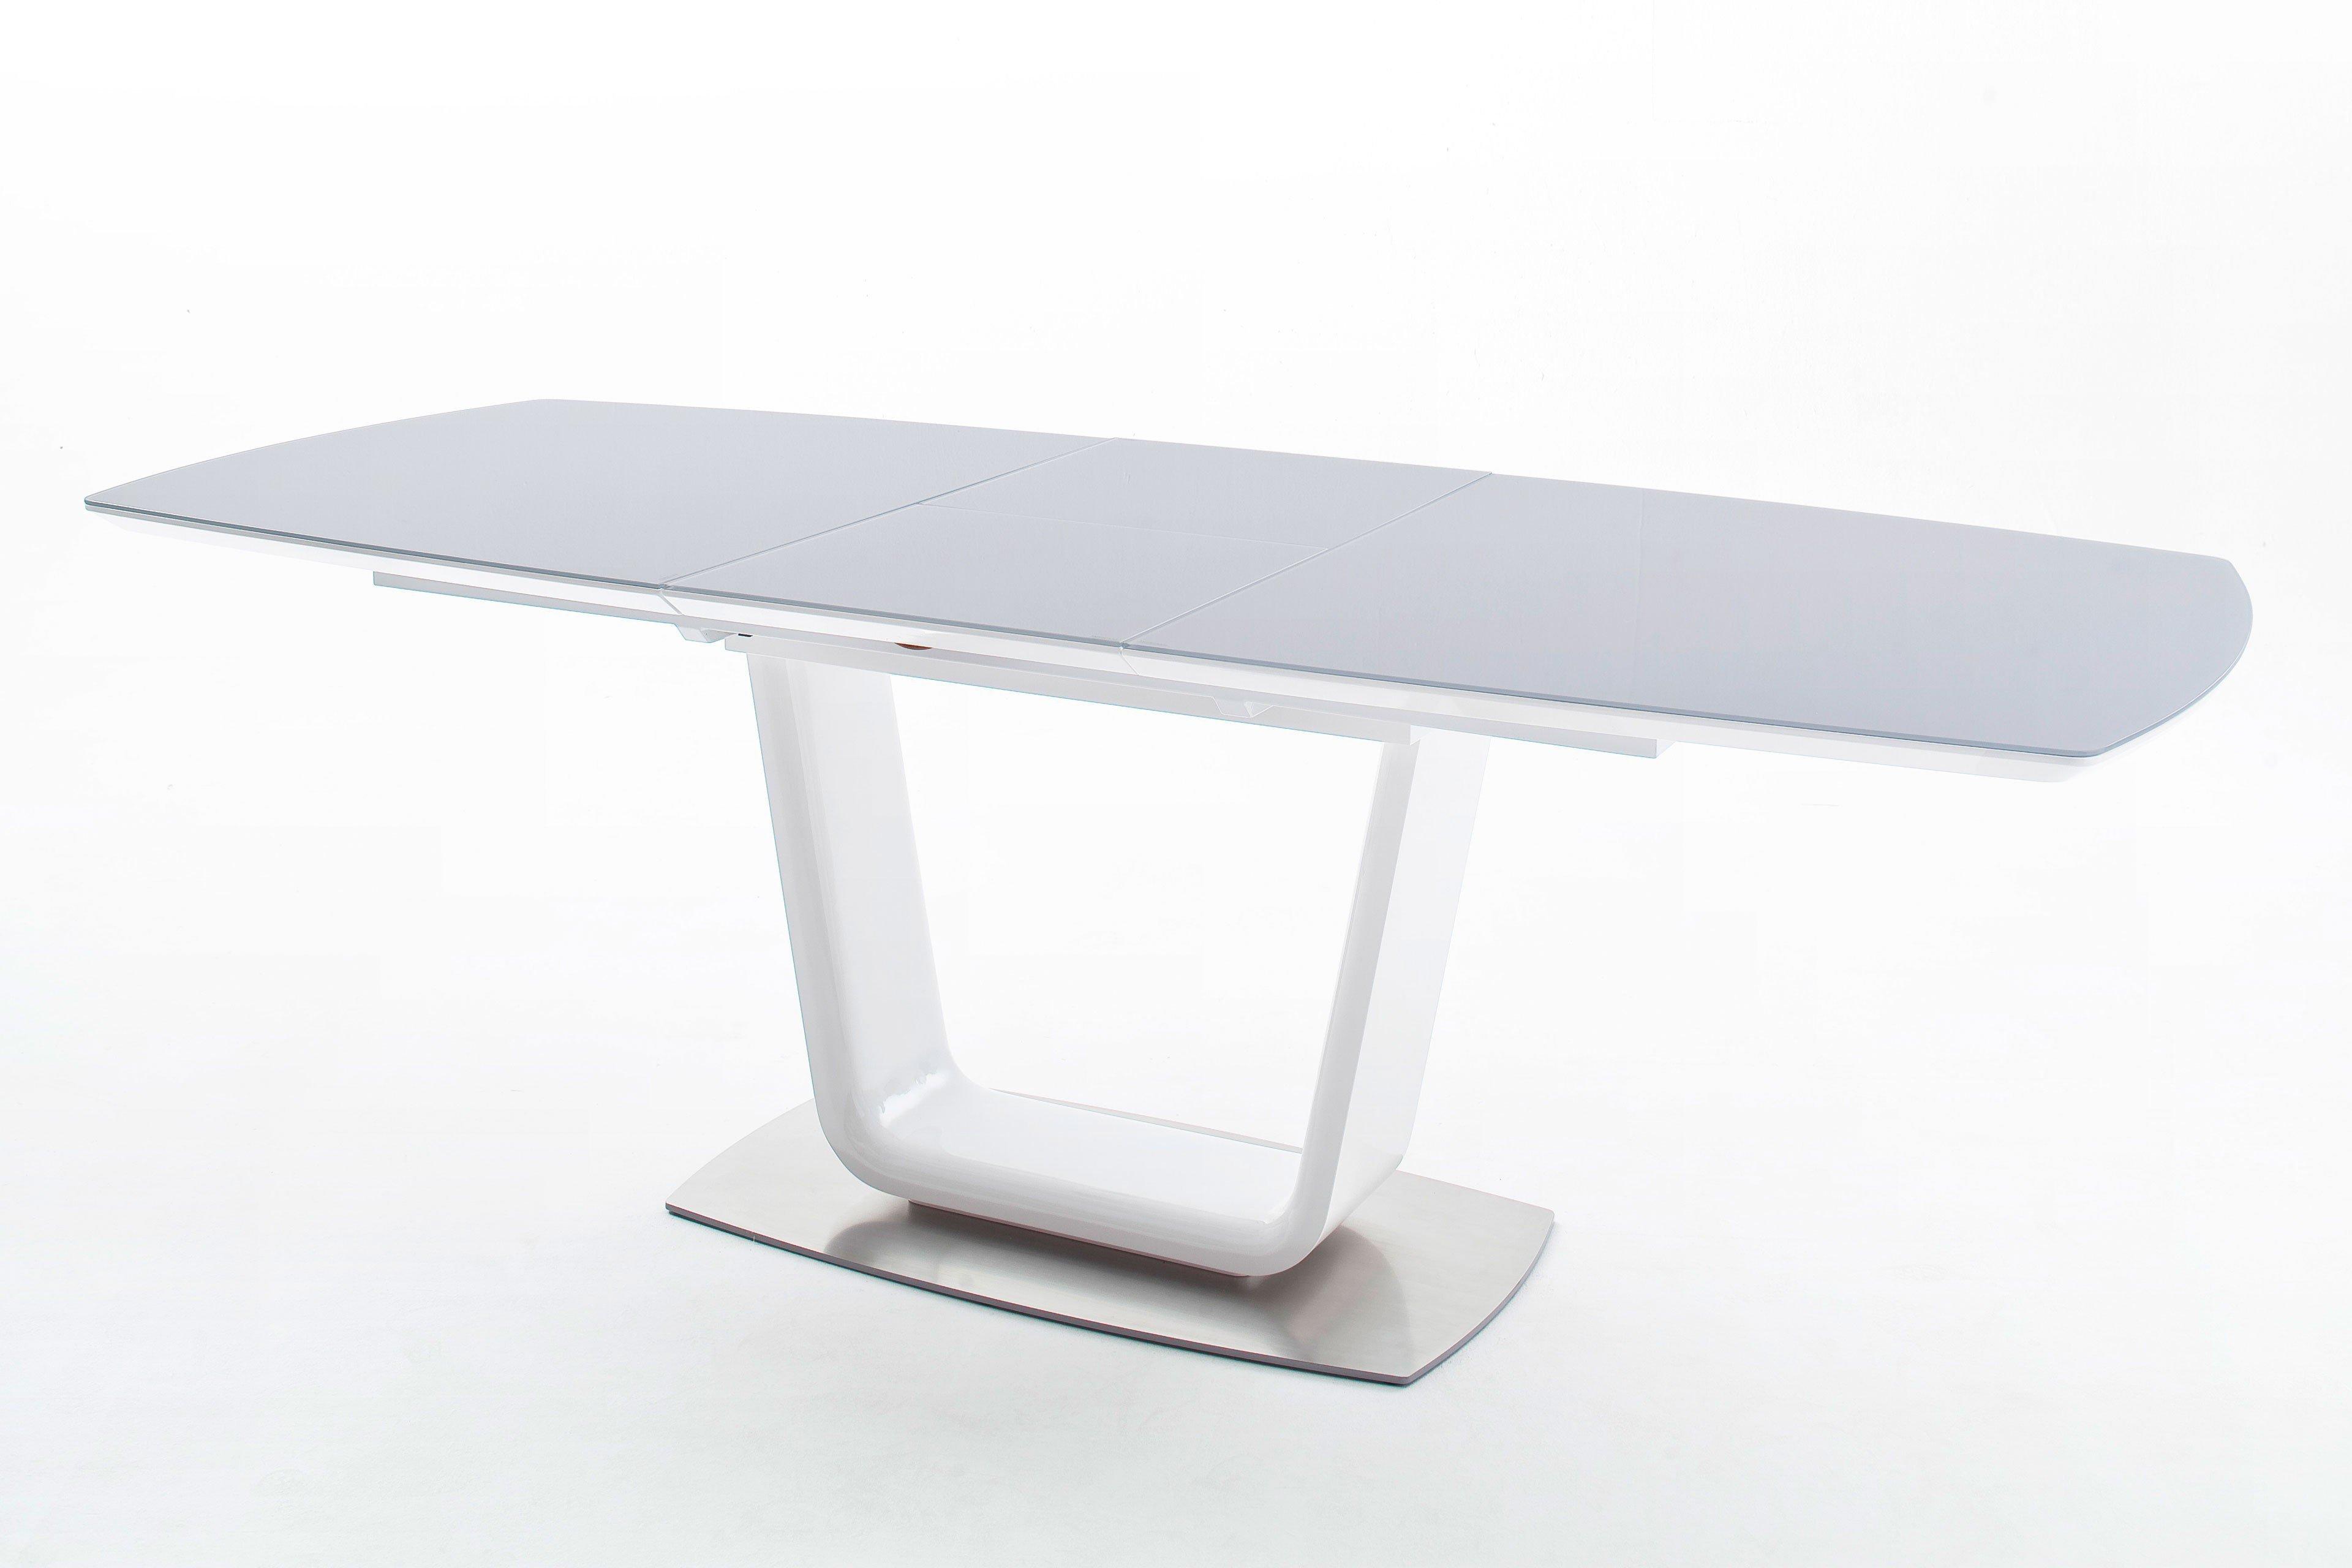 mca esstisch xander xa18hwgg grau wei m bel letz ihr. Black Bedroom Furniture Sets. Home Design Ideas